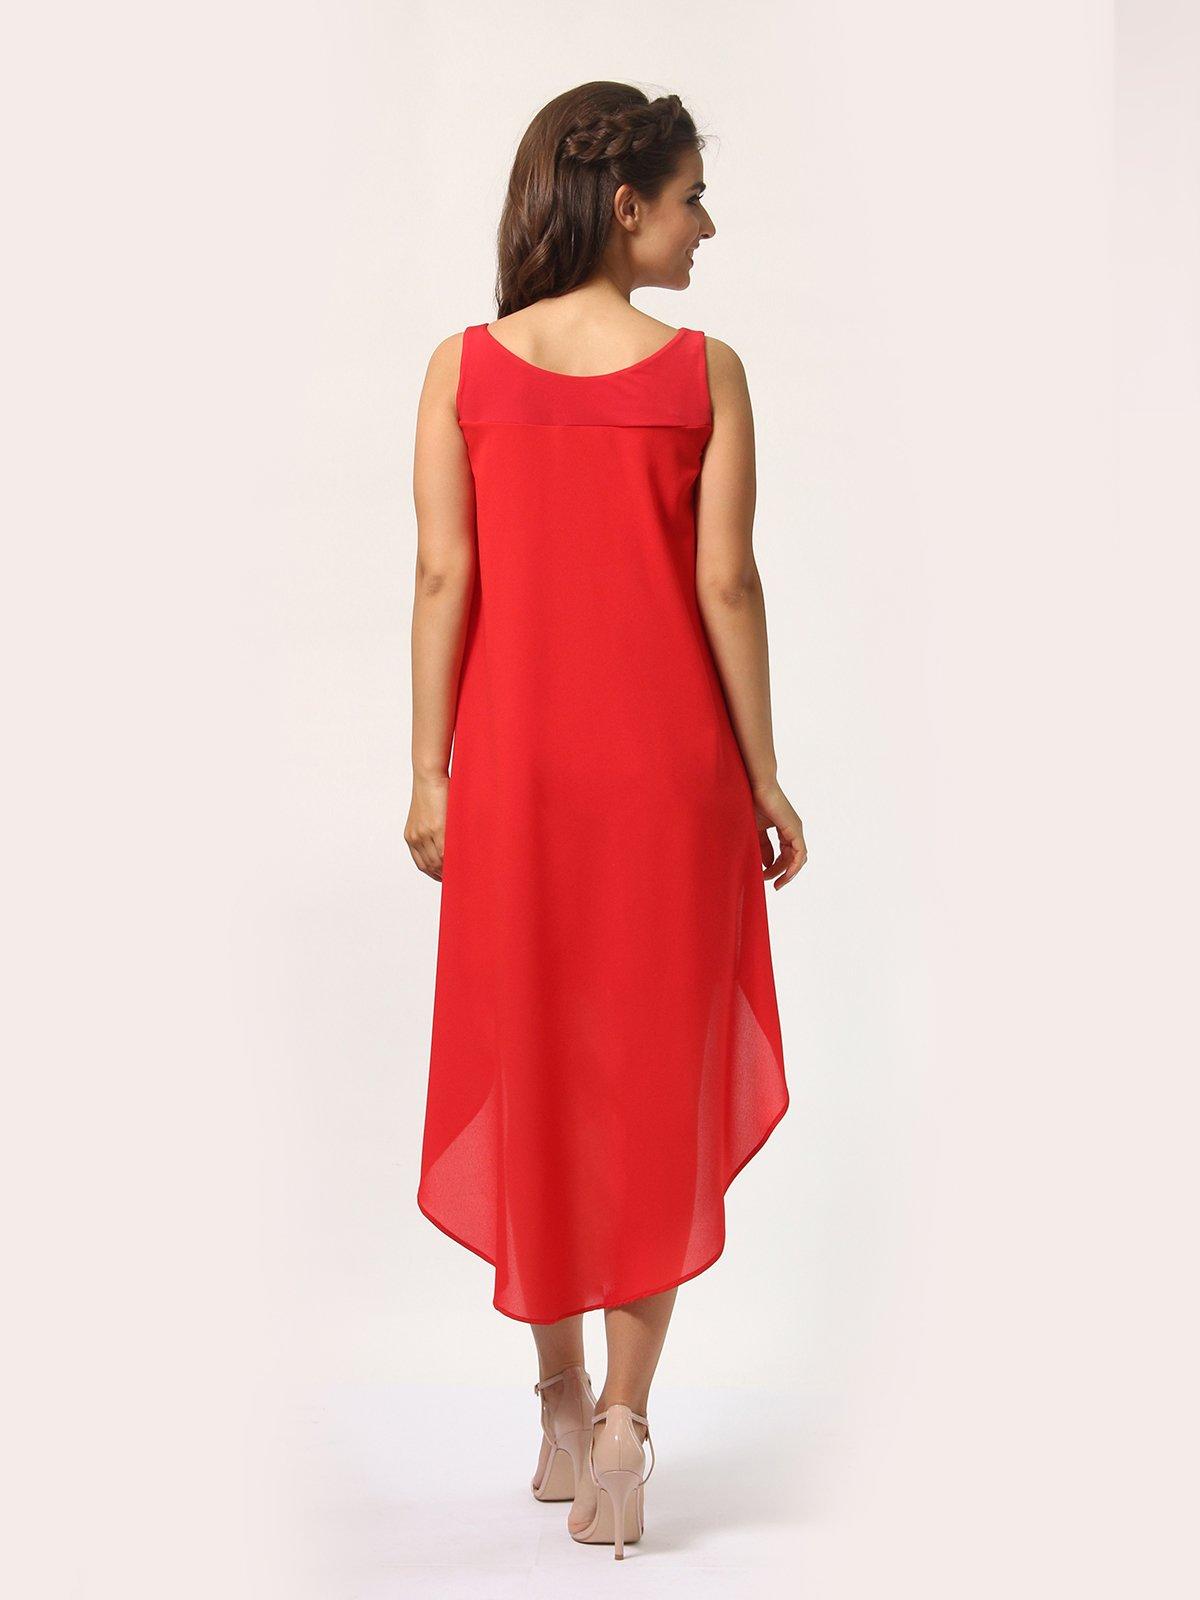 Платье красно-белое   4290409   фото 4